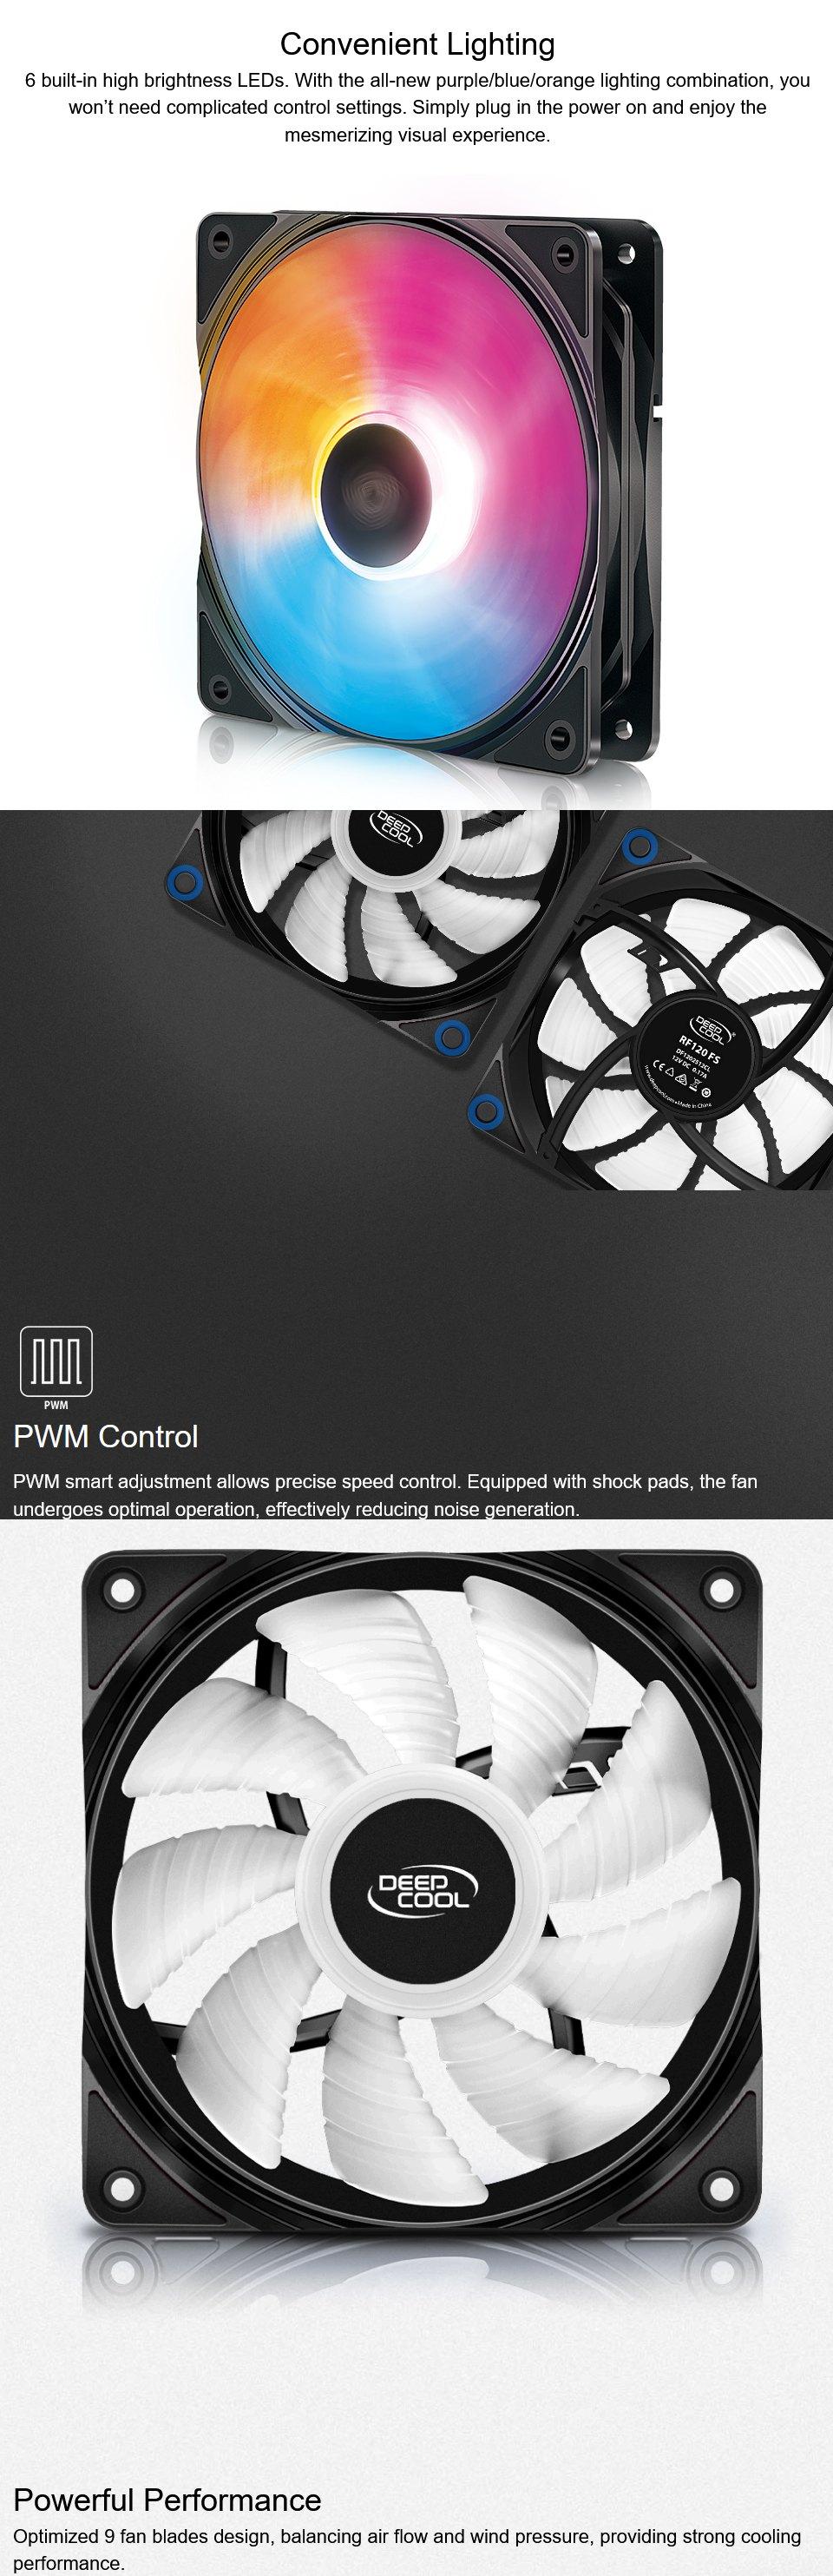 Deepcool RF-120 FS RGB Fan 120mm features